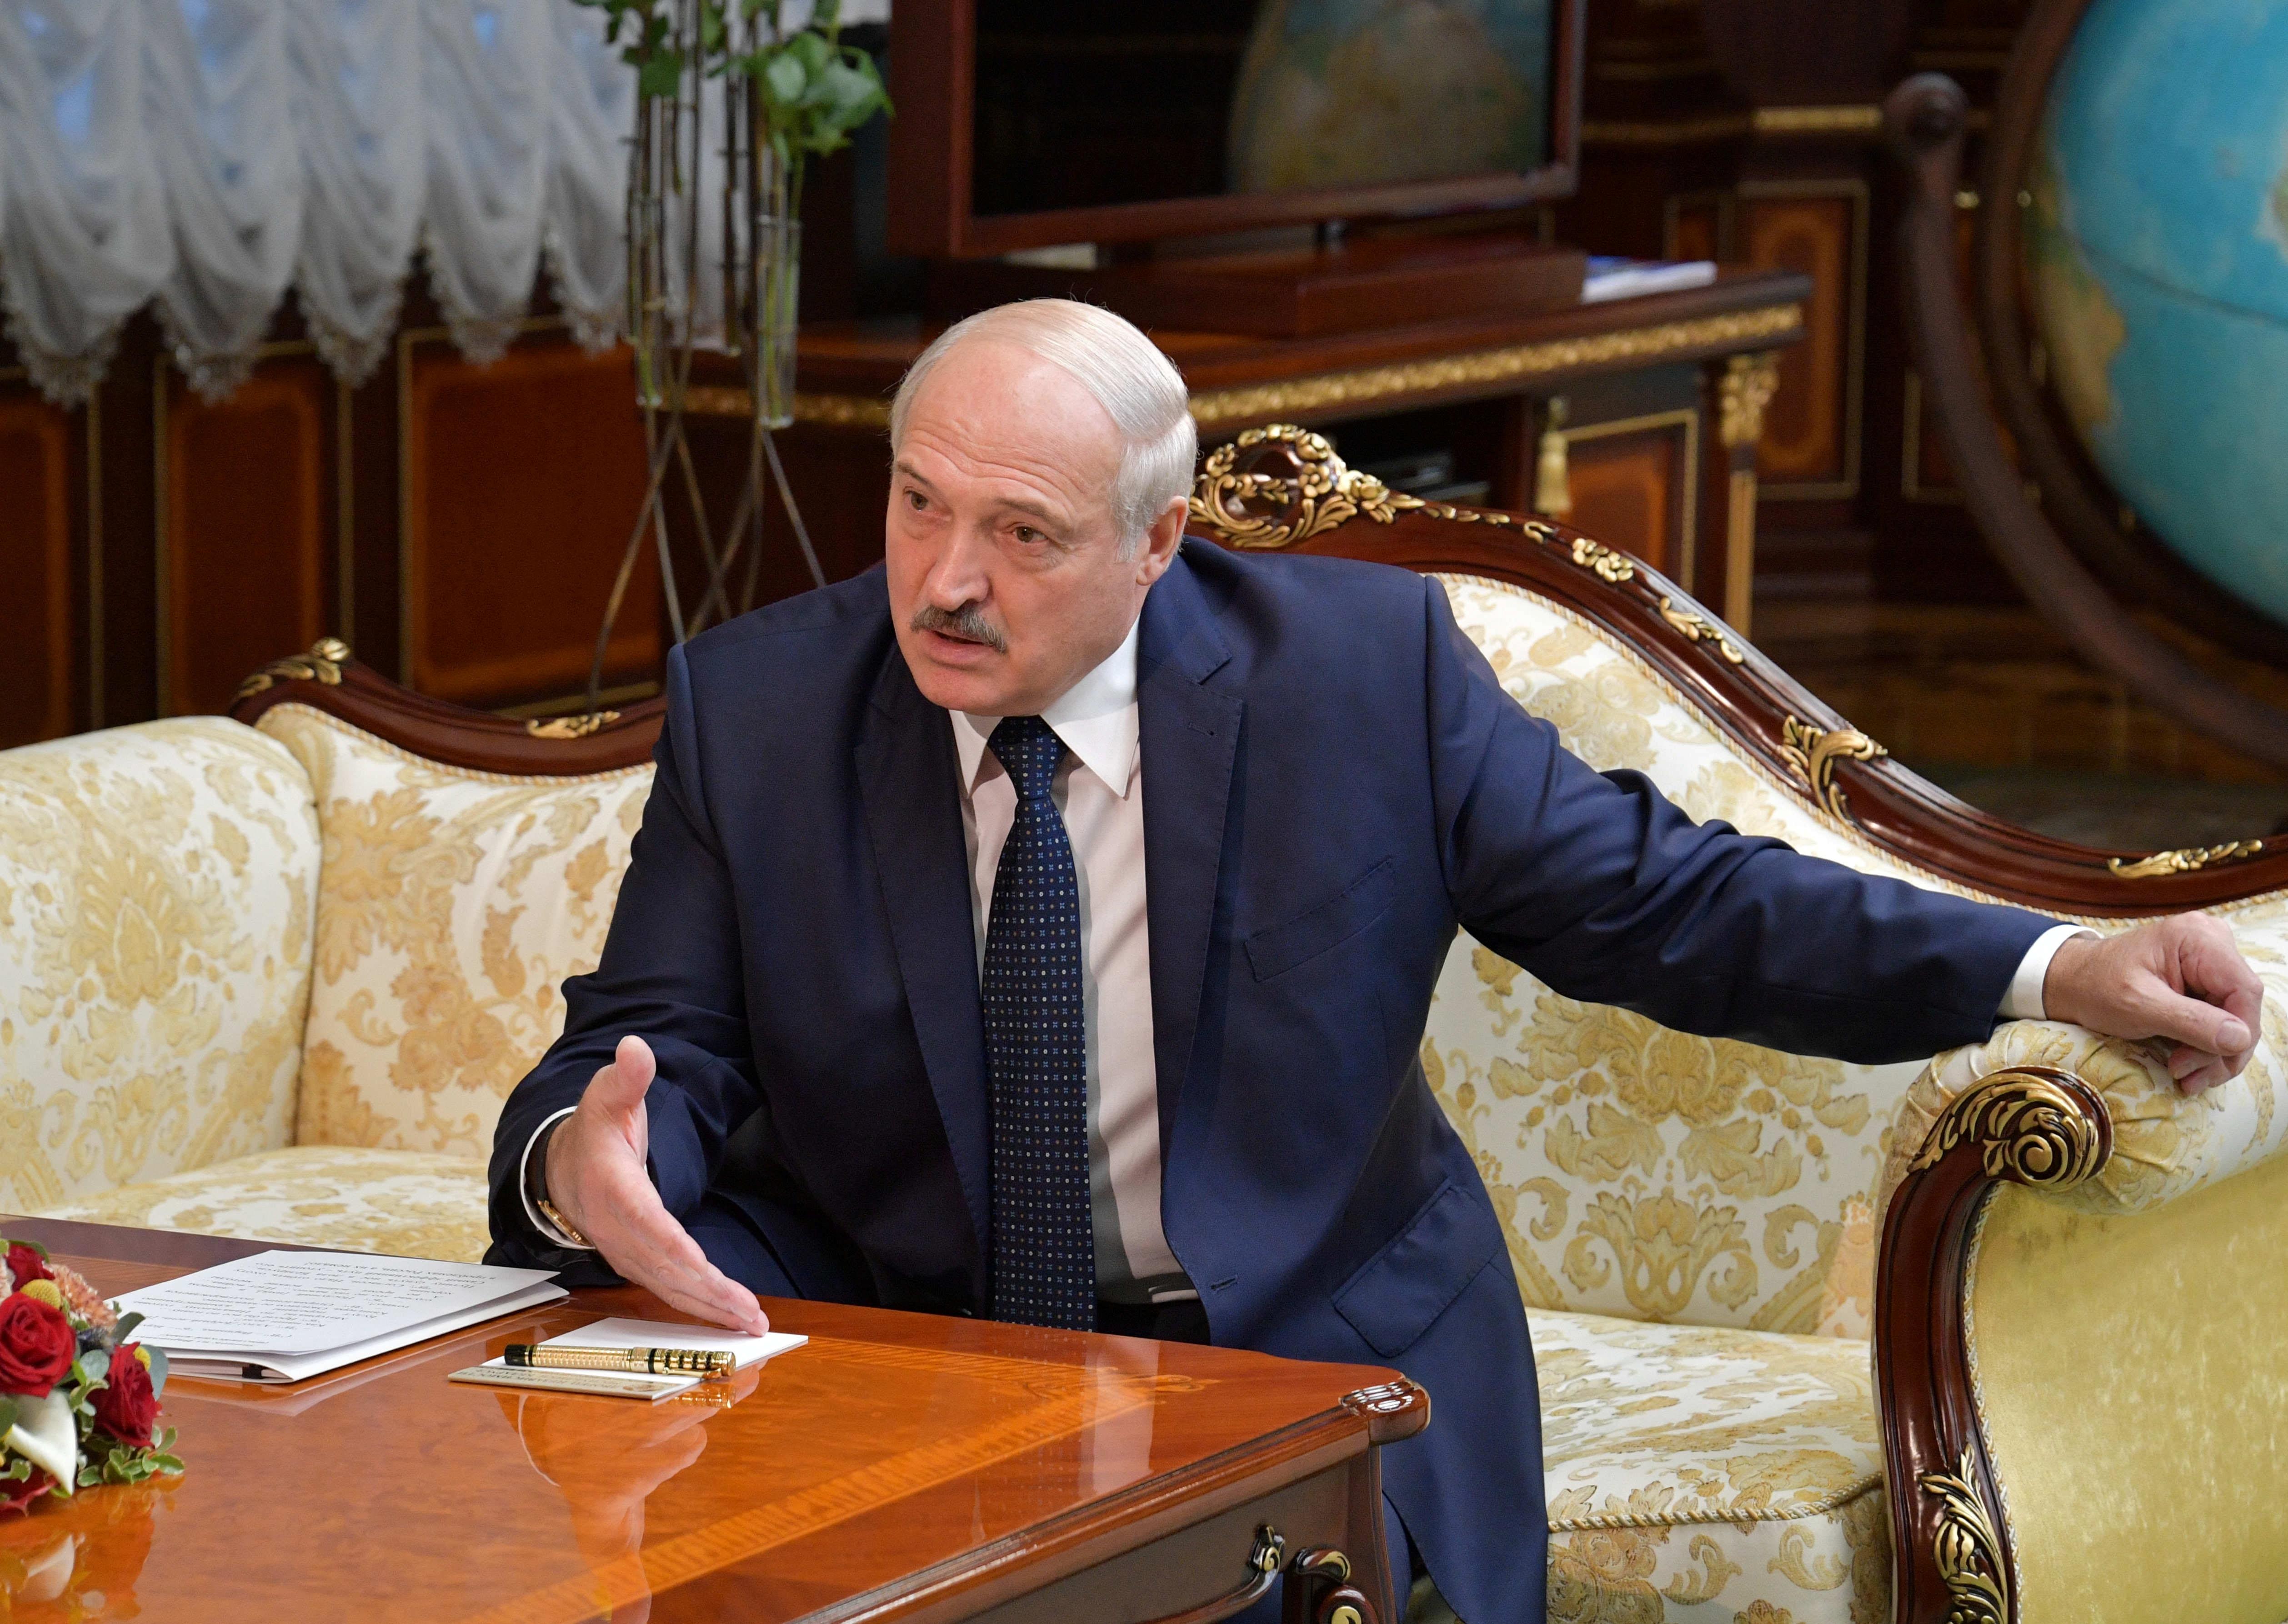 Лукашенко пригрозил белорусским студентам в Польше проверкой дипломов